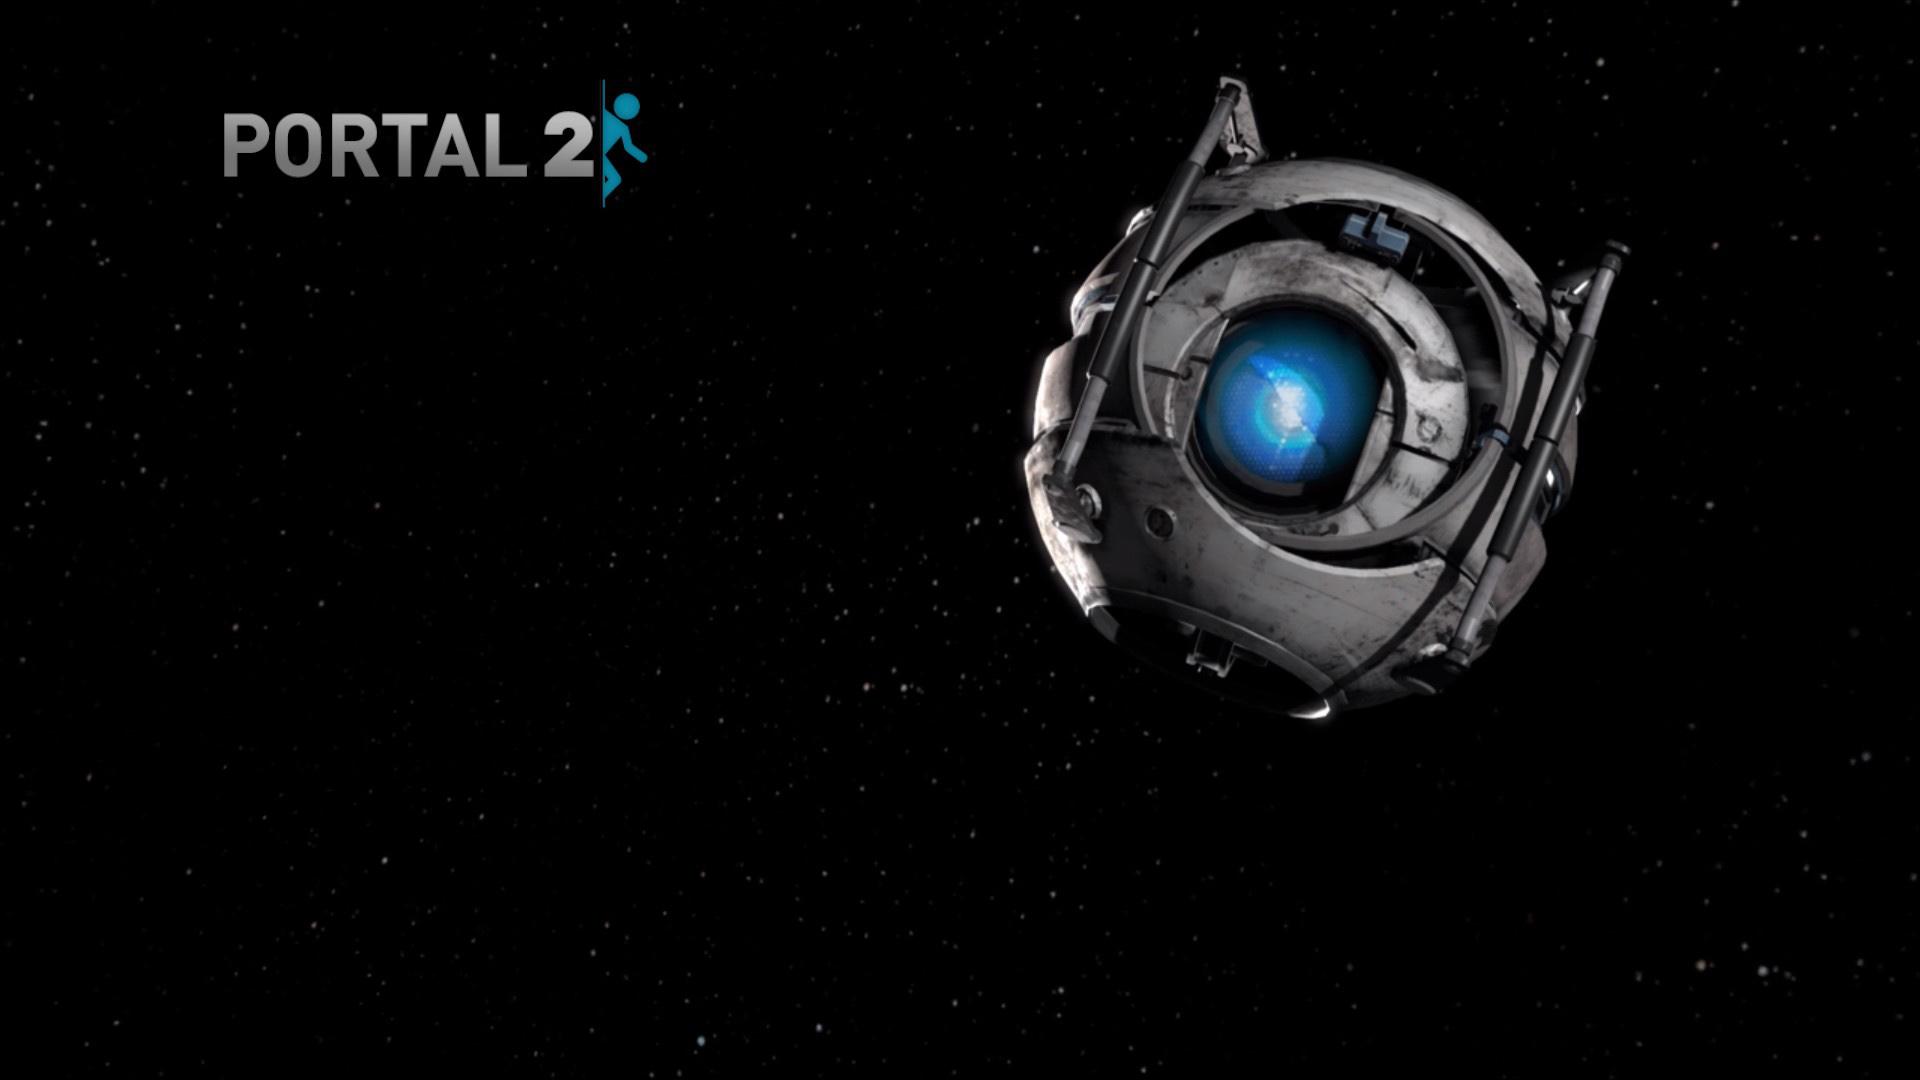 Portal 2 Wallpaper HD